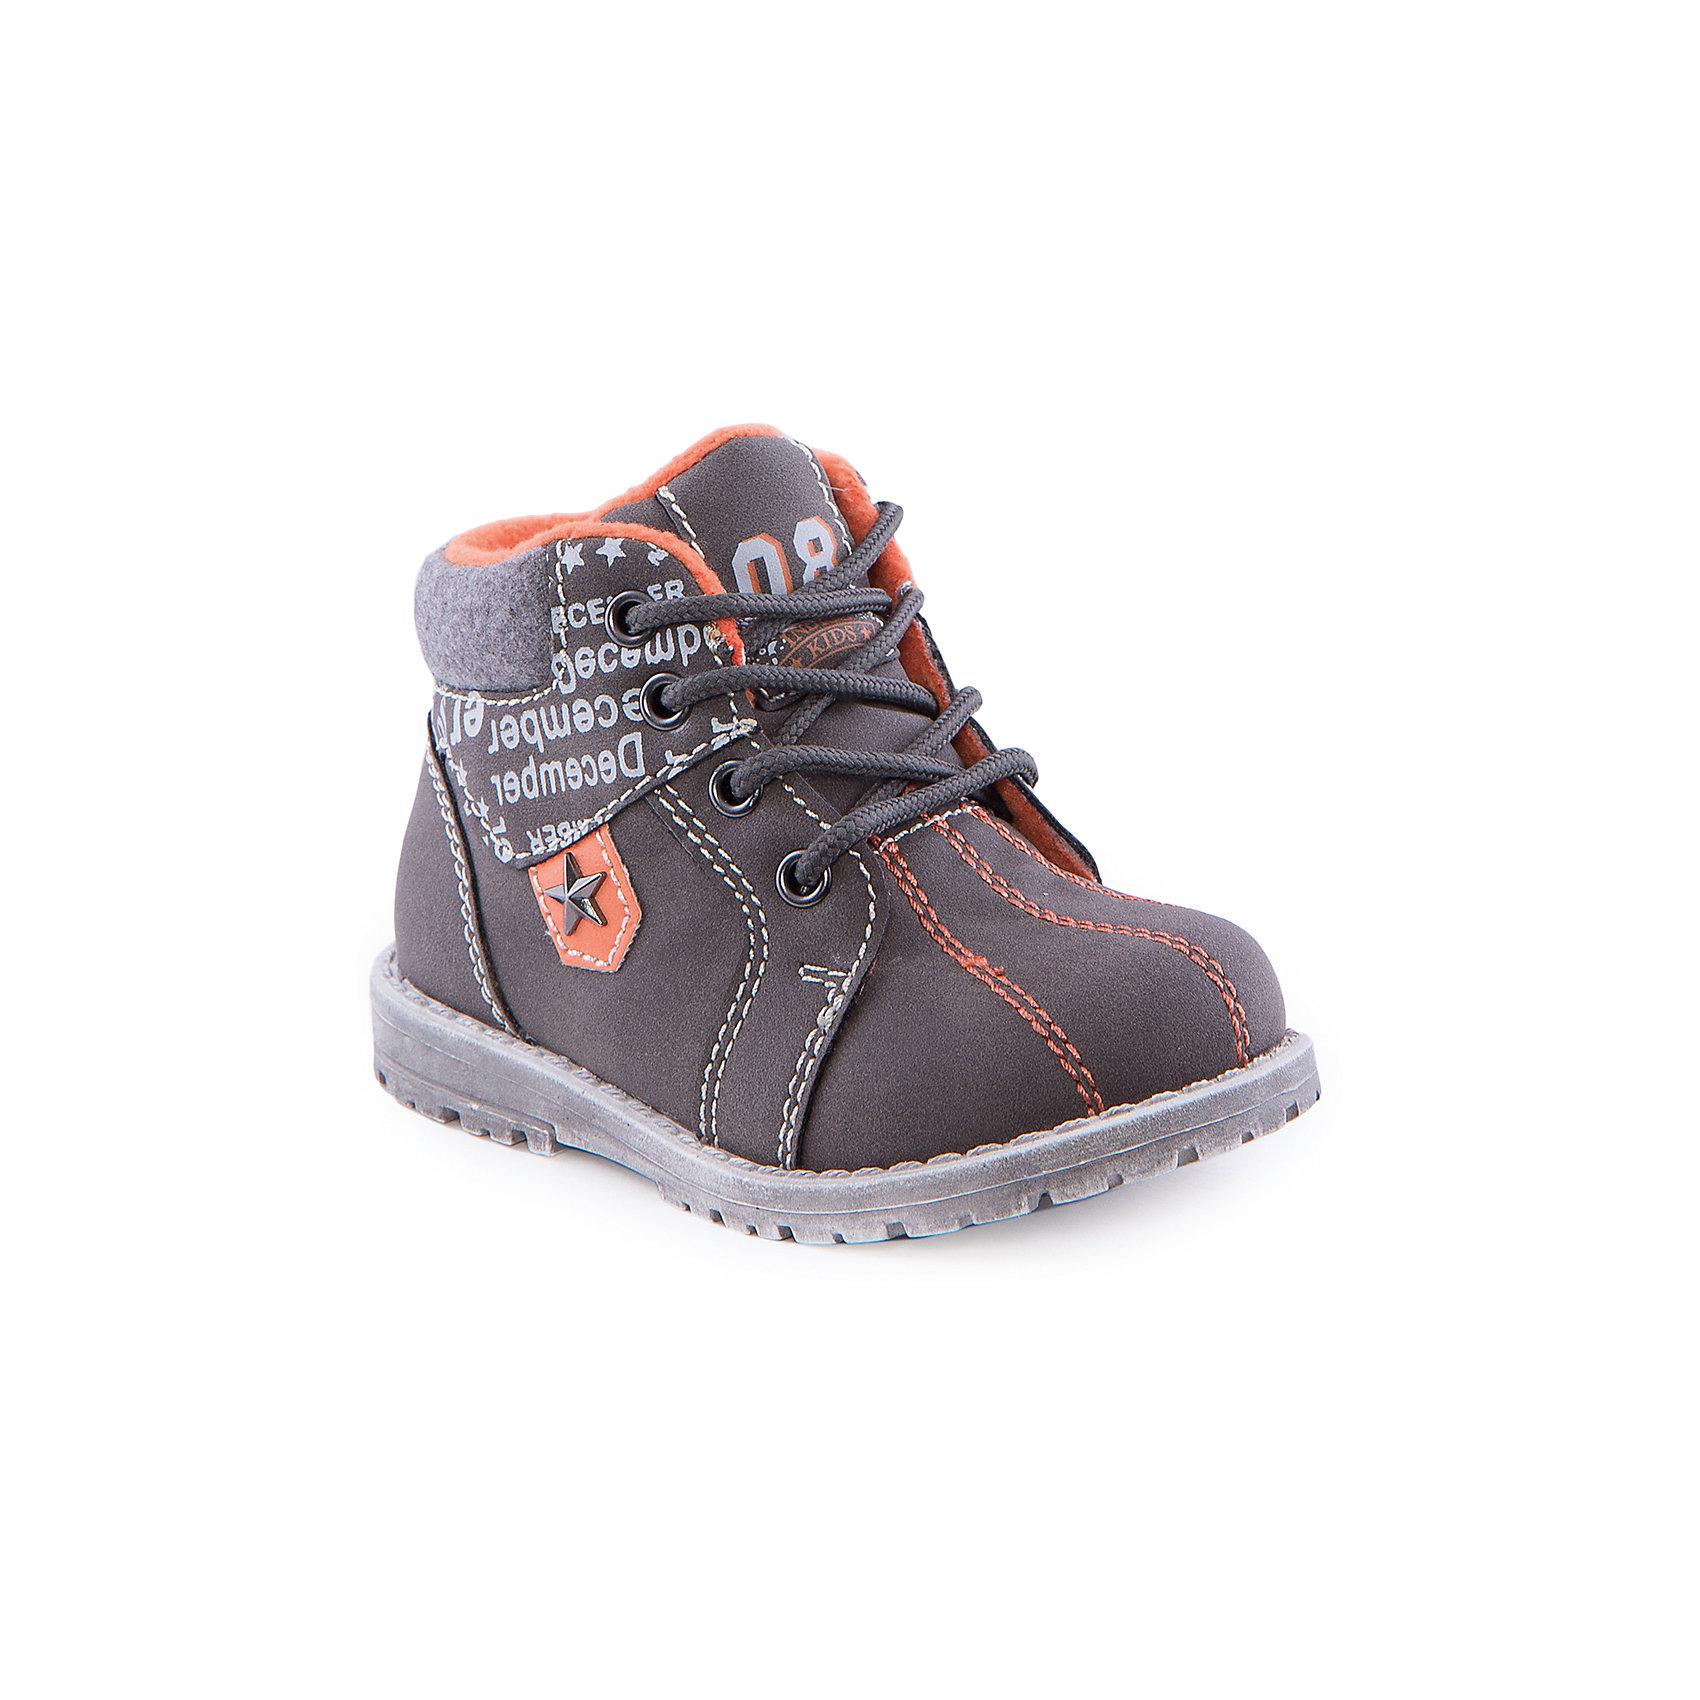 Ботинки для мальчика Indigo kidsБотинки для мальчика от известного бренда Indigo kids<br><br>Стильные ботинки могут быть и очень удобными! Оригинальный дизайн делает эту модель модной и привлекающей внимание. Ботинки легко надеваются благодаря шнуровке и молнии и комфортно садятся по ноге. <br><br>Особенности модели:<br><br>- цвет - хаки, оранжевый;<br>- стильный дизайн;<br>- удобная колодка;<br>- байковая подкладка;<br>- украшены принтом;<br>- устойчивая подошва;<br>- высокие;<br>- белая прошивка;<br>- застежки: шнуровка, молния.<br><br>Дополнительная информация:<br><br>Температурный режим:<br>от +5° С до +15° С<br><br>Состав:<br><br>верх – искусственная кожа;<br>подкладка - байка;<br>подошва - ТЭП.<br><br>Ботинки для мальчика Indigo kids (Индиго Кидс) можно купить в нашем магазине.<br><br>Ширина мм: 262<br>Глубина мм: 176<br>Высота мм: 97<br>Вес г: 427<br>Цвет: хаки<br>Возраст от месяцев: 12<br>Возраст до месяцев: 15<br>Пол: Мужской<br>Возраст: Детский<br>Размер: 21,25,22,23,24,26<br>SKU: 4520139